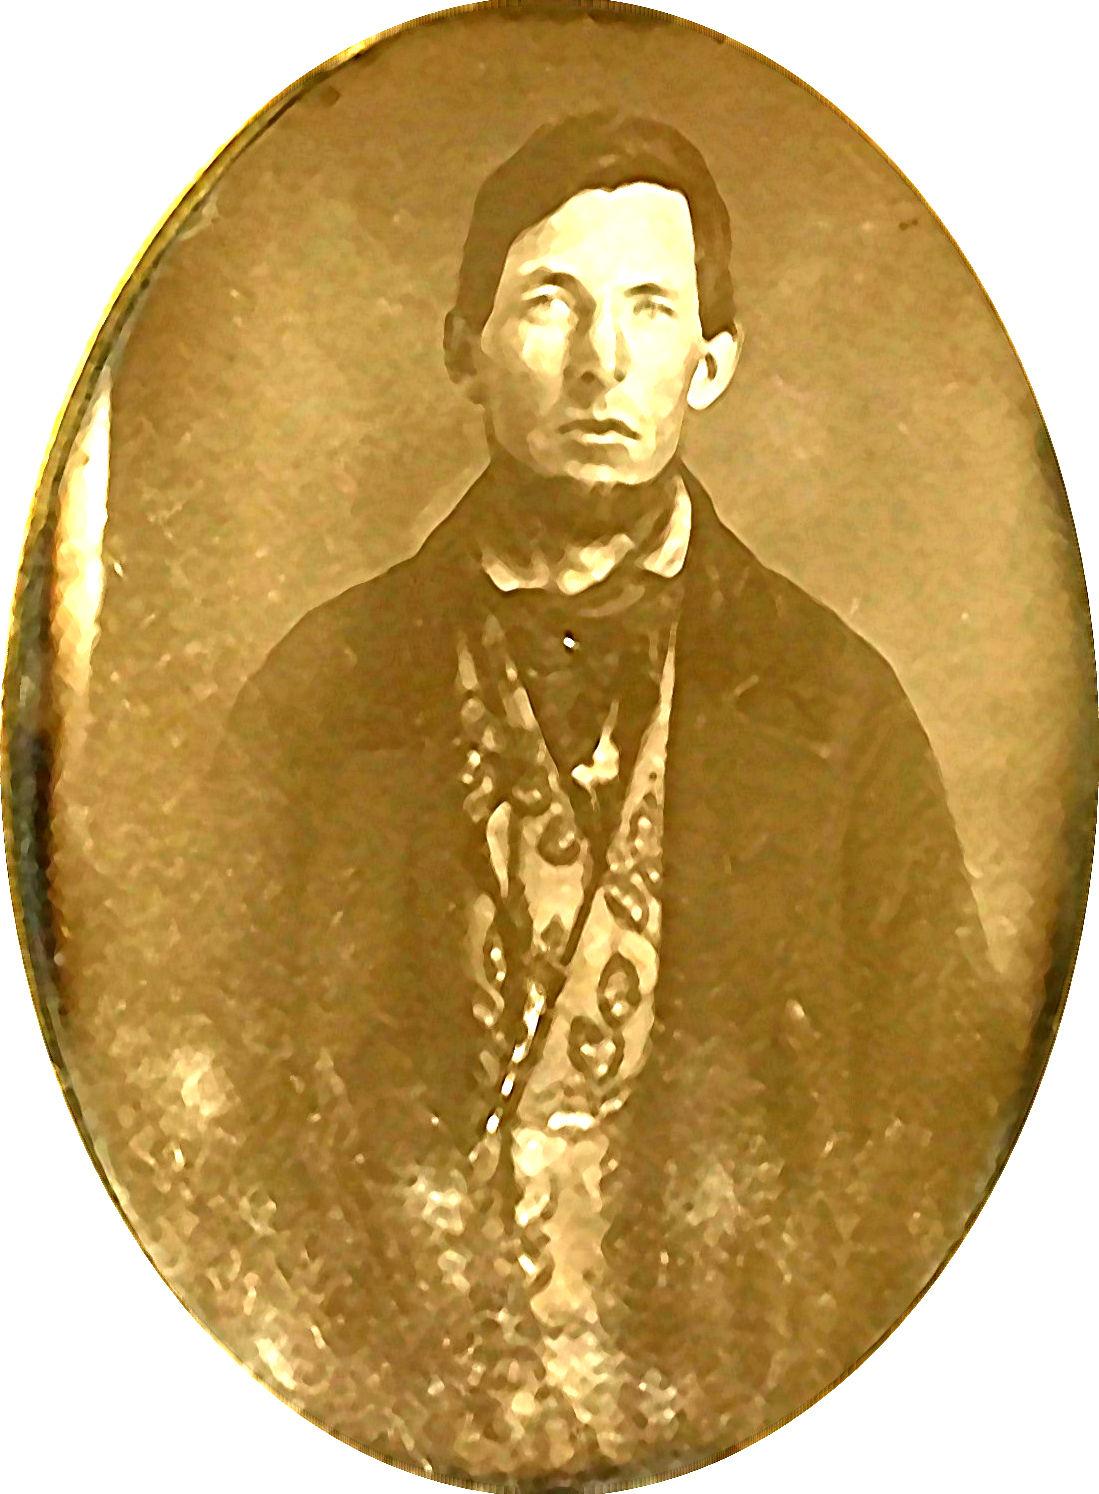 William H. Fairfield